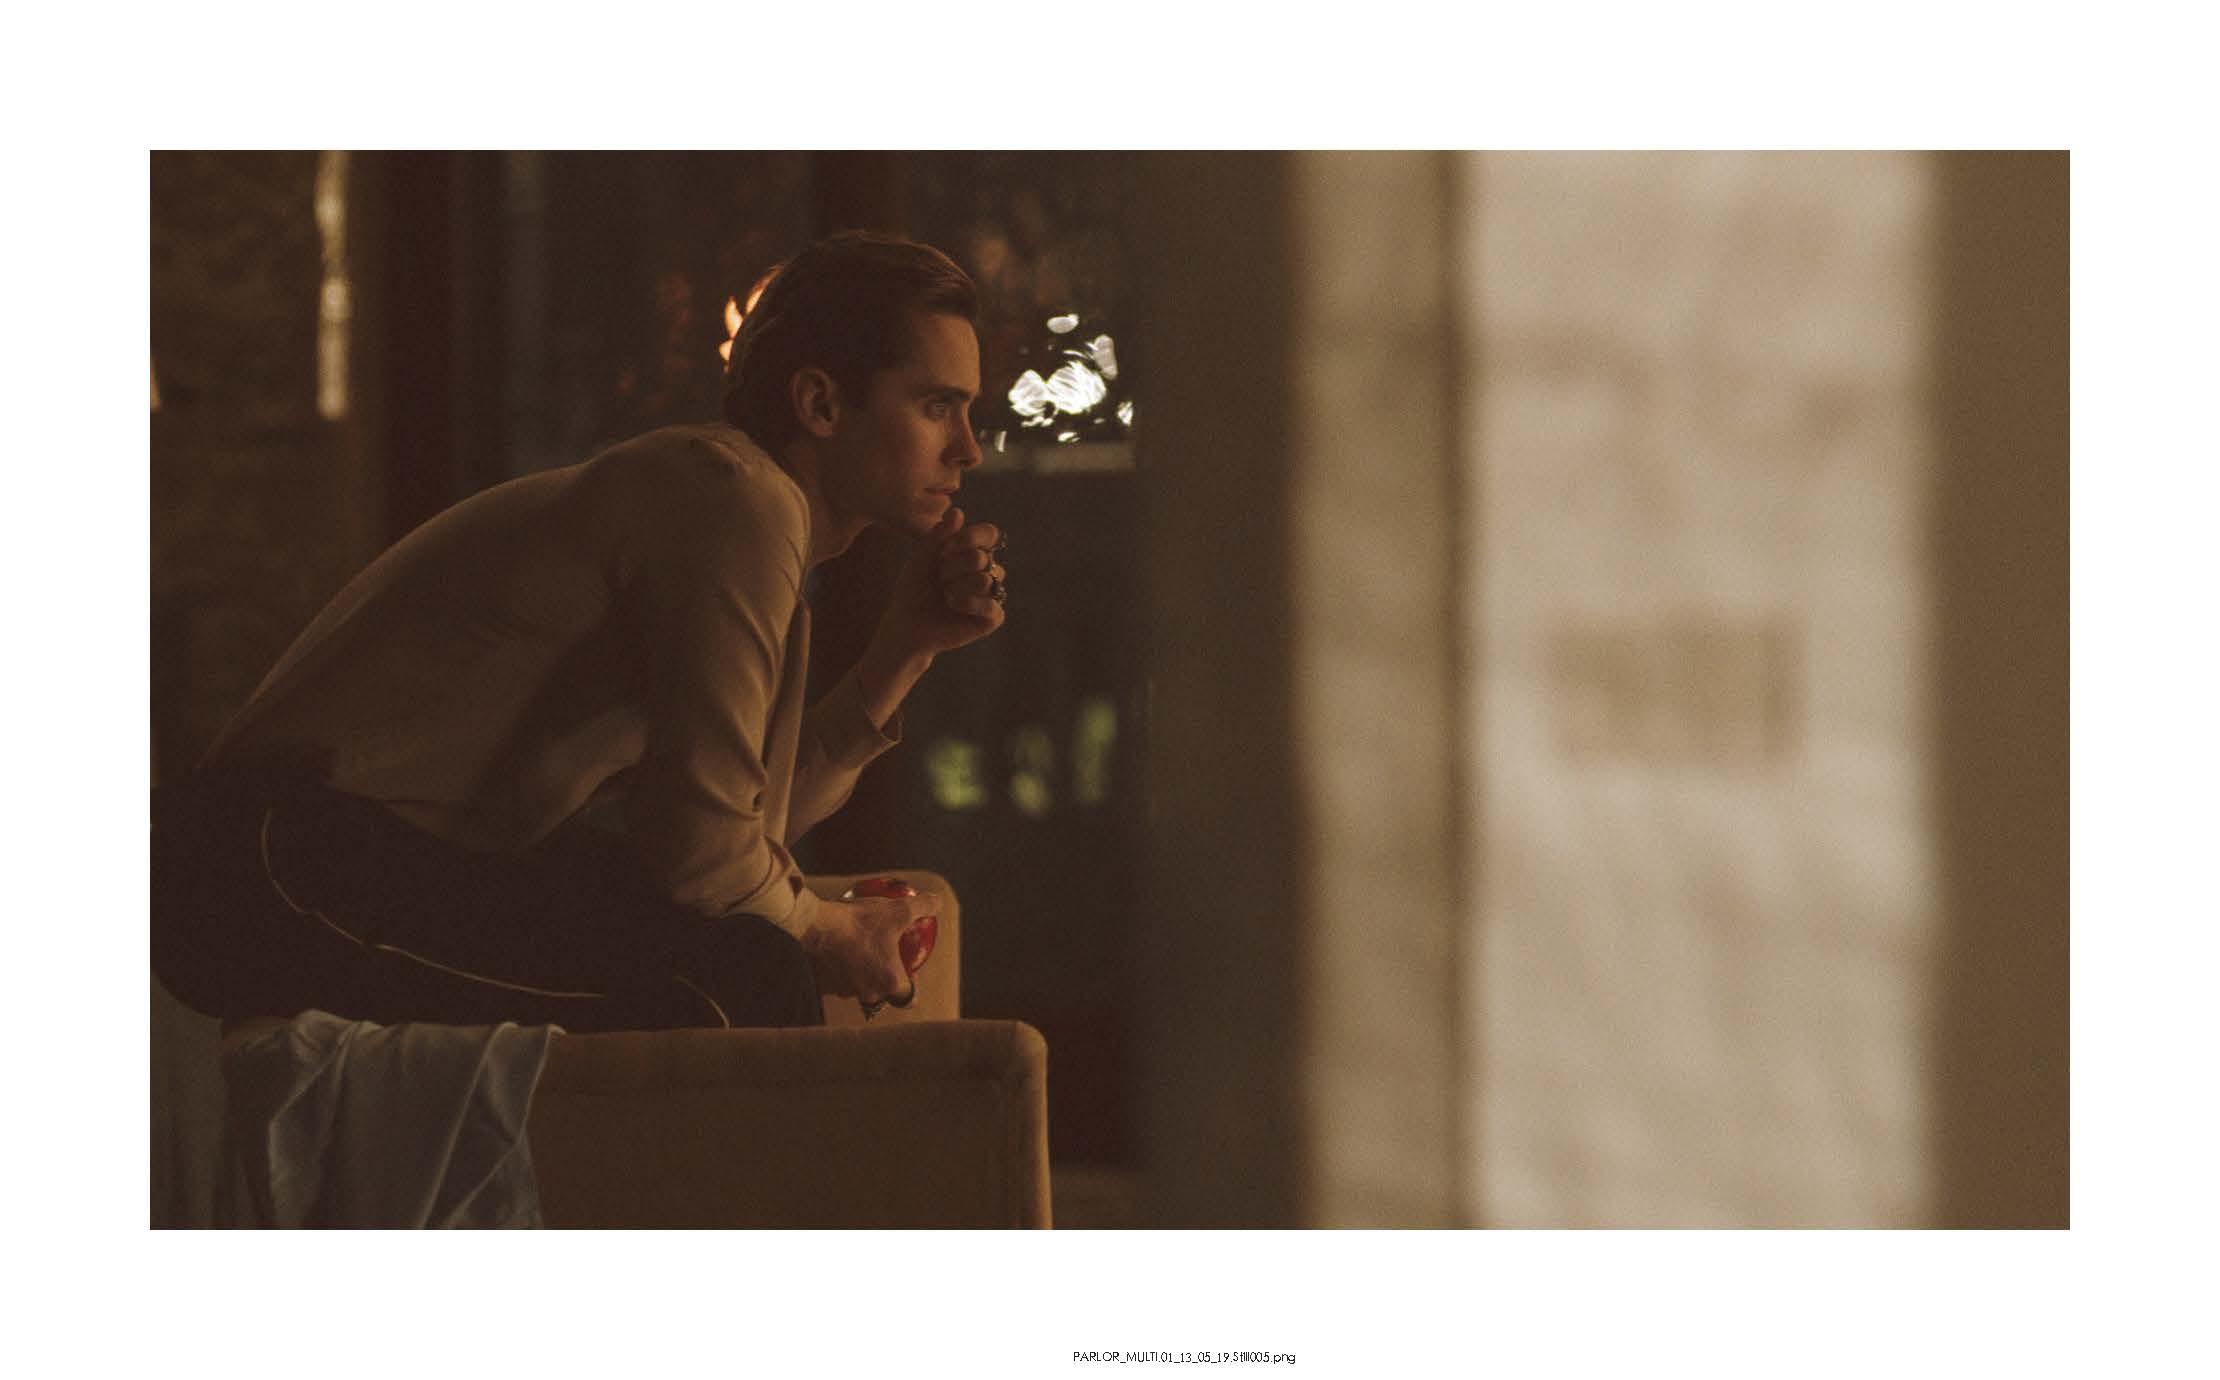 『スーサイド・スクワッド』ジョーカー役を怪演!憑依型俳優ジャレッド・レトのストイック過ぎる役作りとは GG_PR_Stills__Page_36